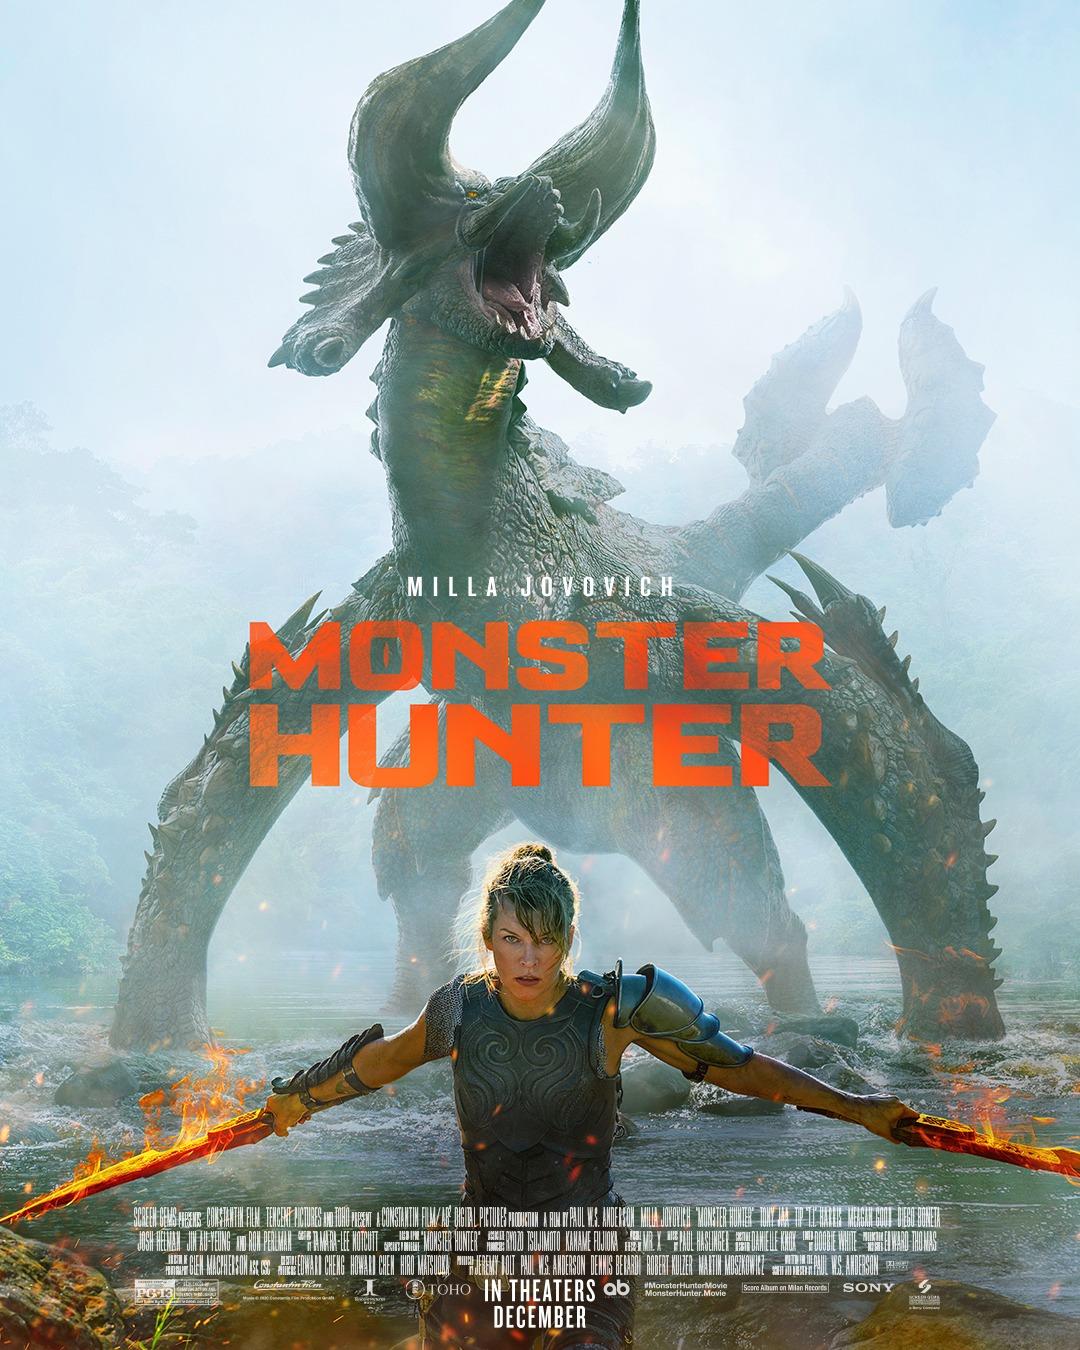 Monster Hunter Poster Milla Jovovich